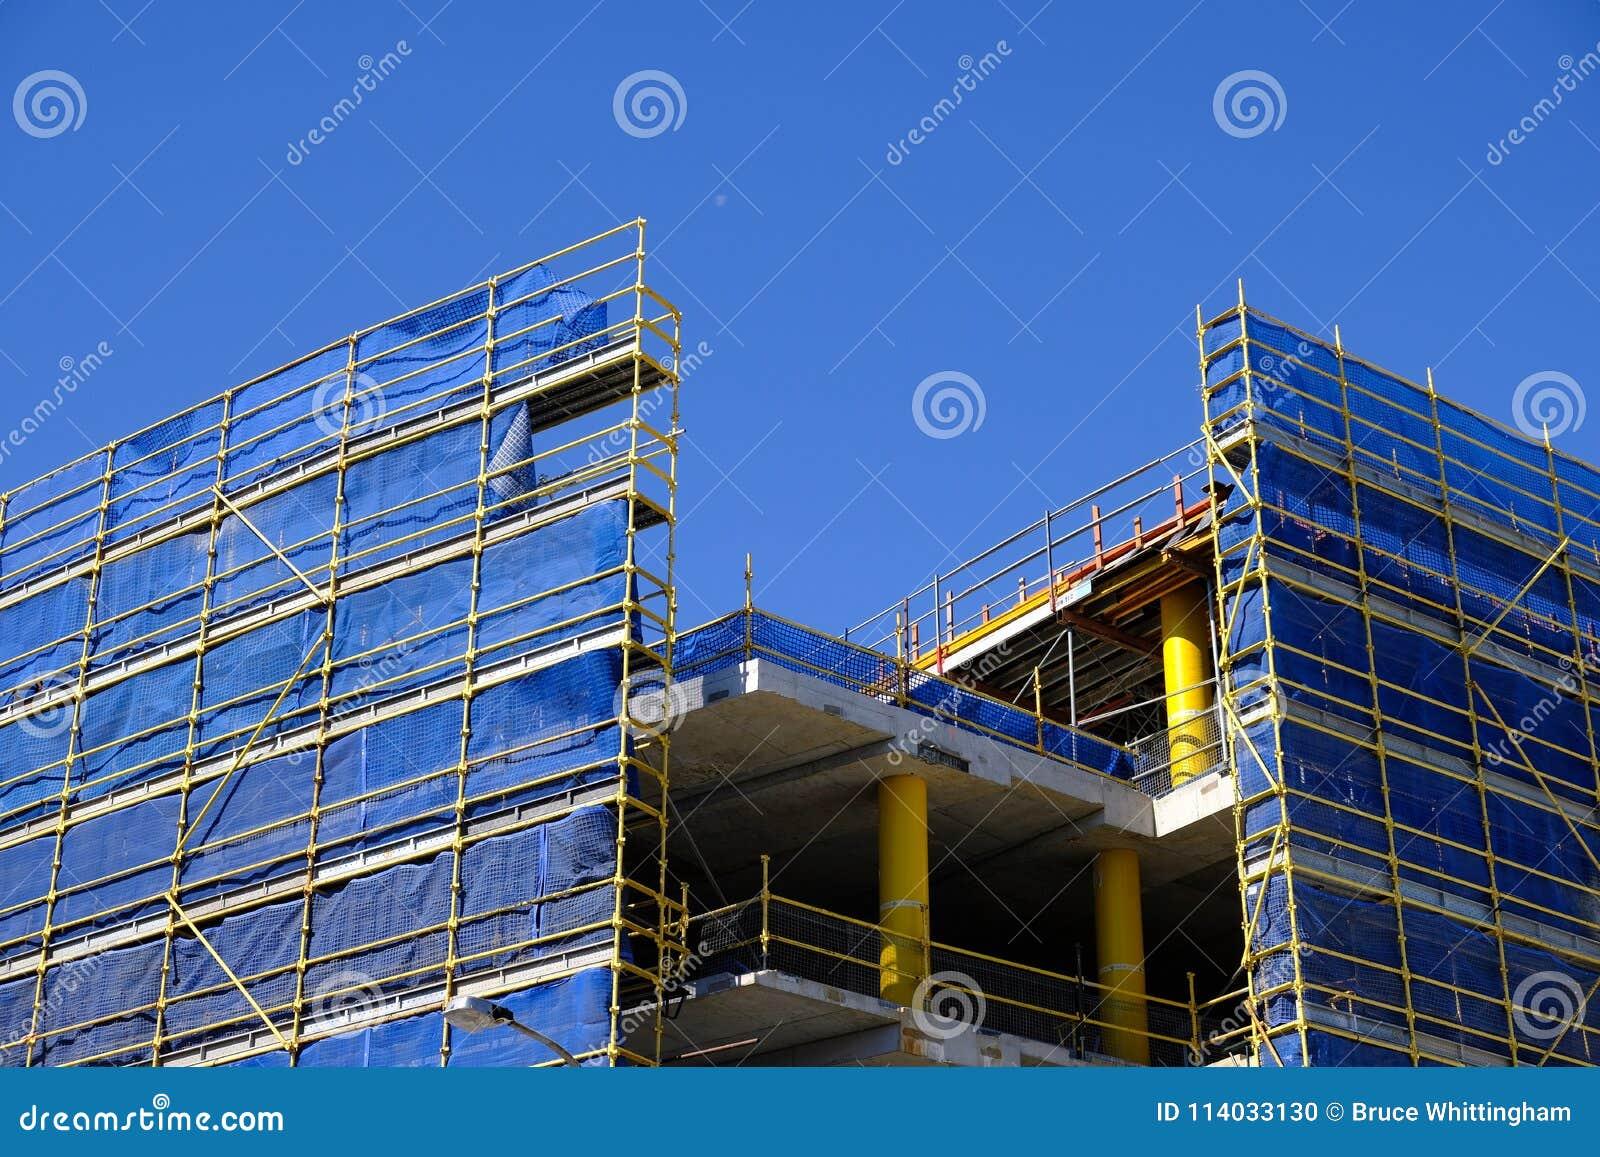 Rusztować i Błękitny Zbawczy powlekanie na budowie